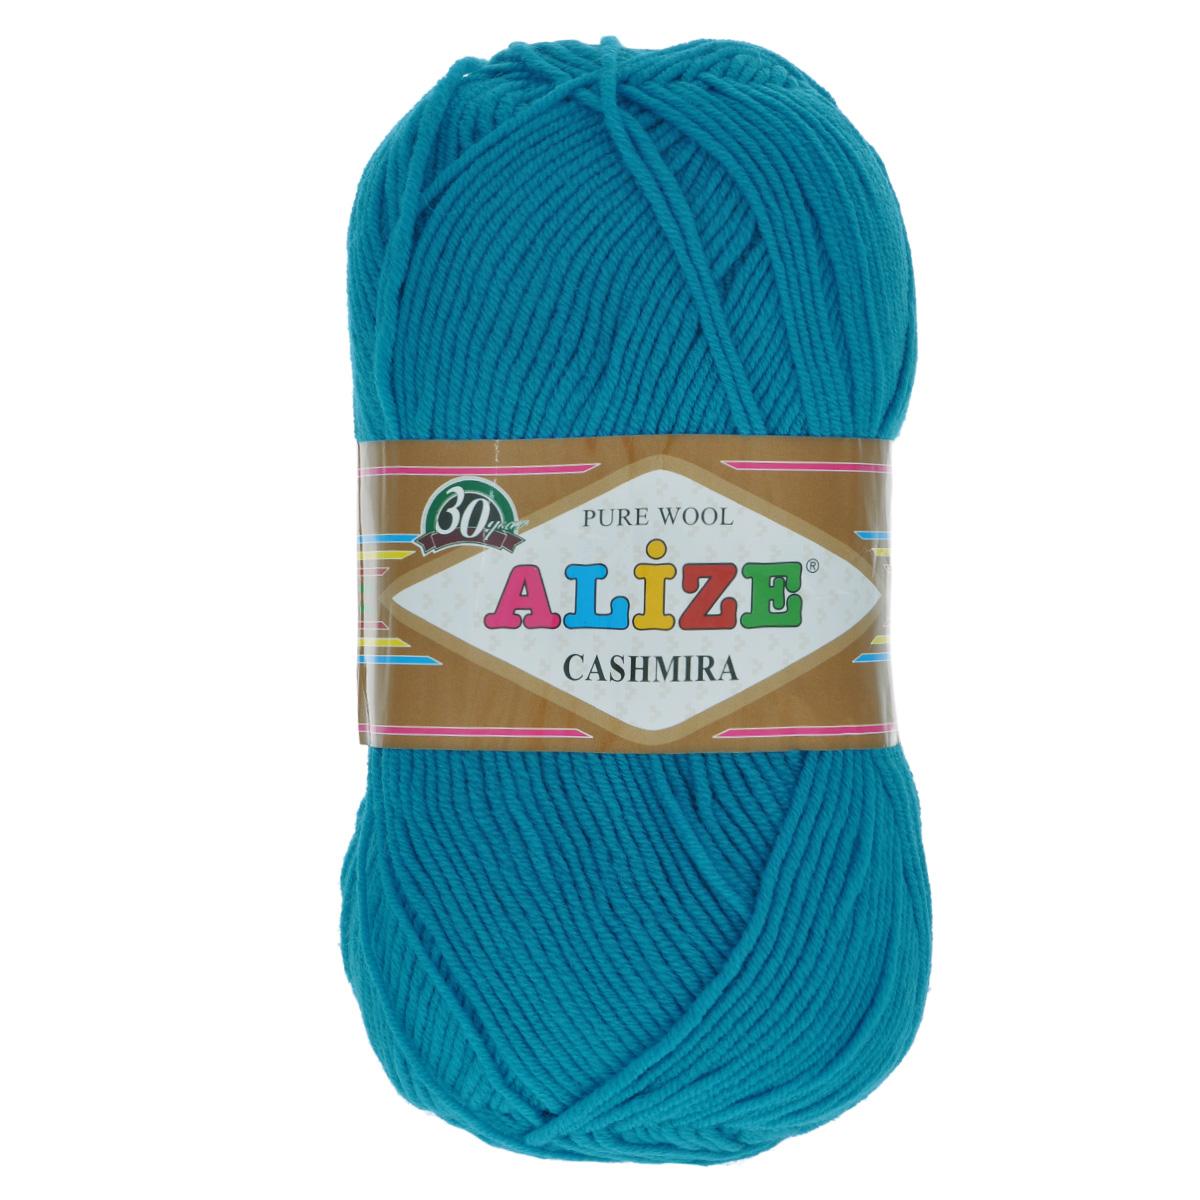 Пряжа для вязания Alize Cashmira, цвет: бирюзовый (64), 300 м, 100 г, 5 шт364009_64Пряжа для вязания Alize Cashmira изготовлена из 100% шерсти. Пряжа упругая, эластичная, тёплая, уютная и не колется, что очень подходит для детей. Тоненькая нитка прекрасно подойдет для вязки демисезонных вещей. Пряжа легко распускается и перевязывается несколько раз, не деформируясь и не влияя на вид изделия. Натуральная шерстяная нить, обеспечивает изделию прекрасную форму. Рекомендуется ручная стирка при температуре 30 °C. Рекомендованные спицы № 3-5, крючок № 2-4.